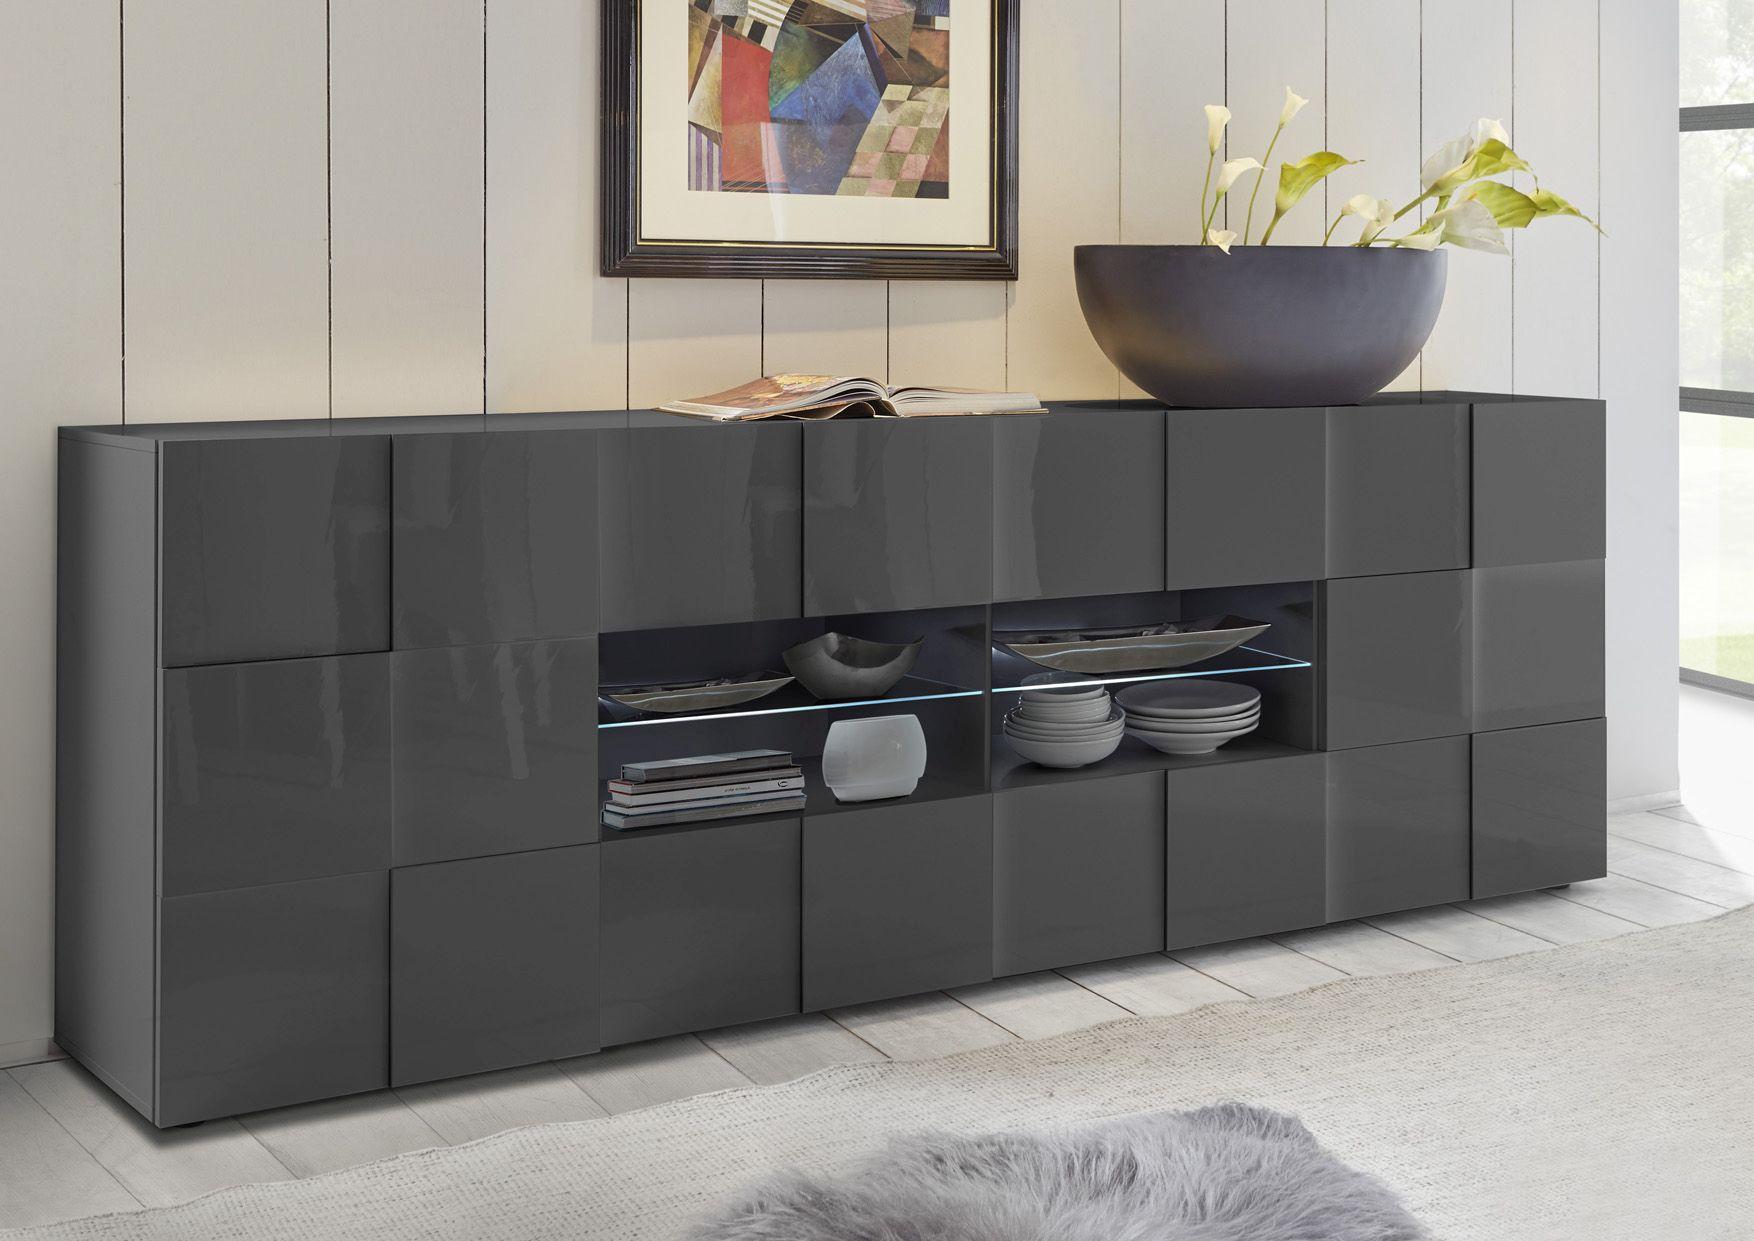 10x Keukendecoratie Ideeen : Keuken decoratie ideeen sokolvineyard.com